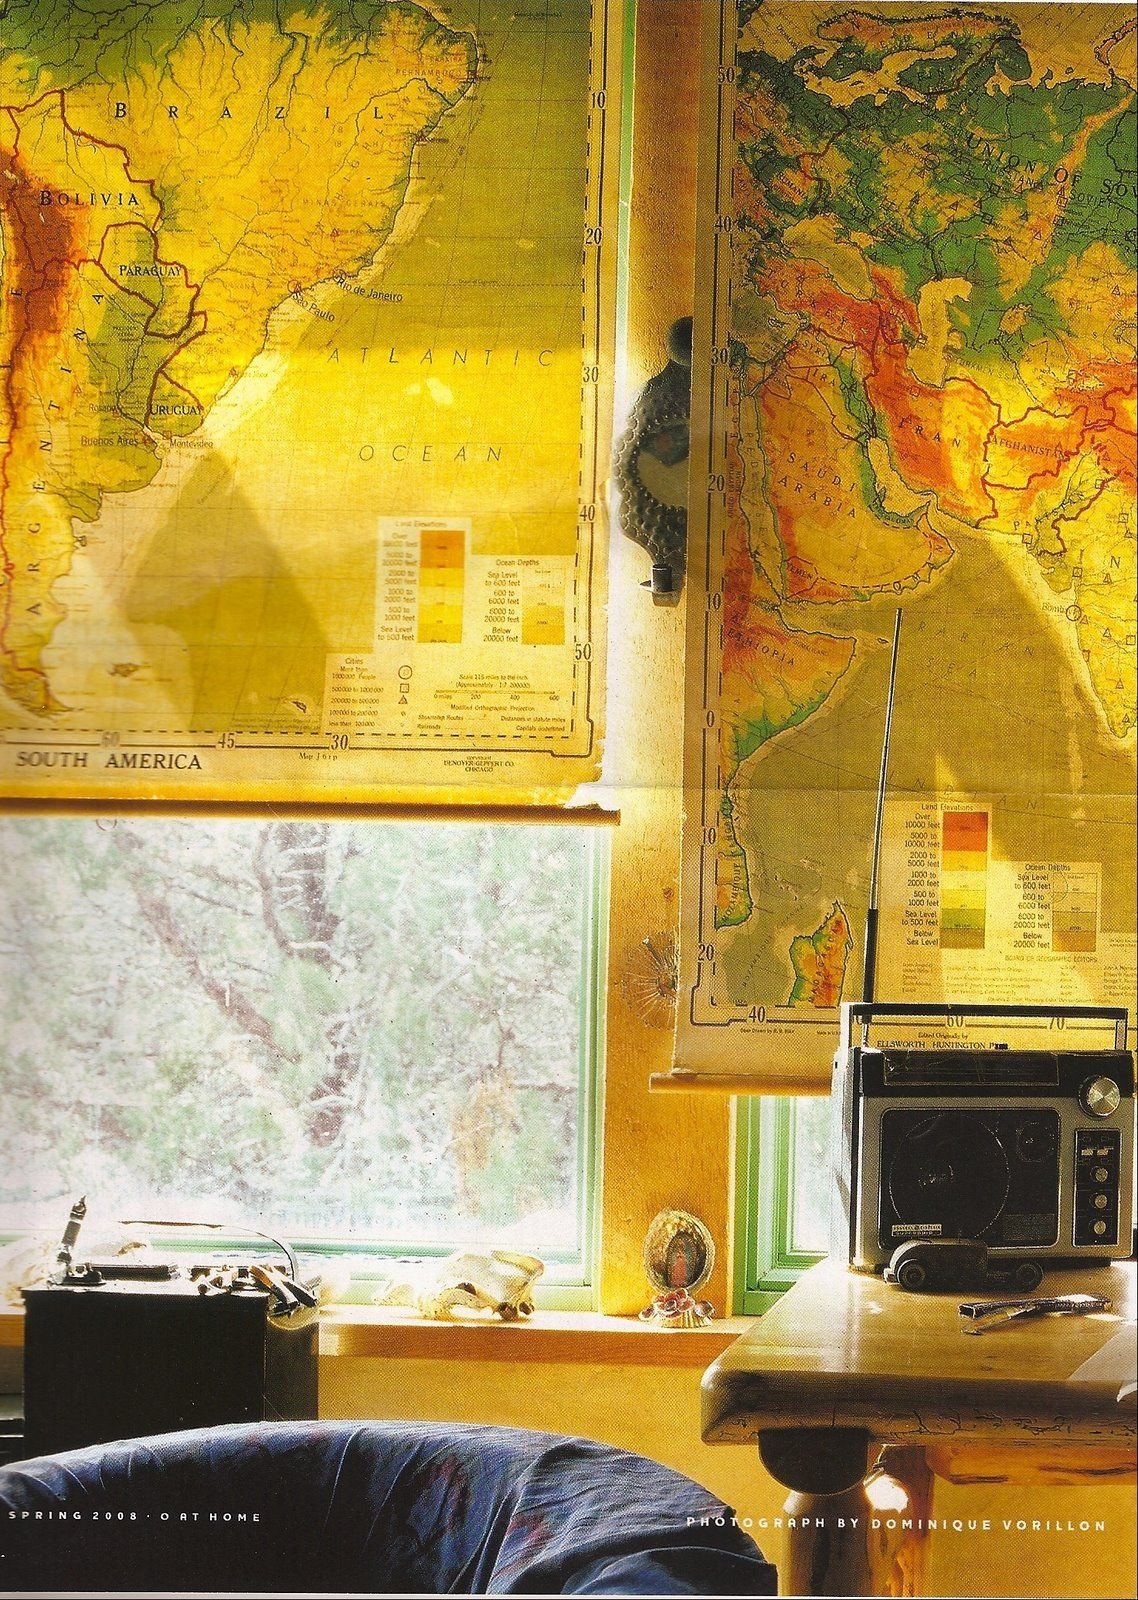 Maps maps maps!